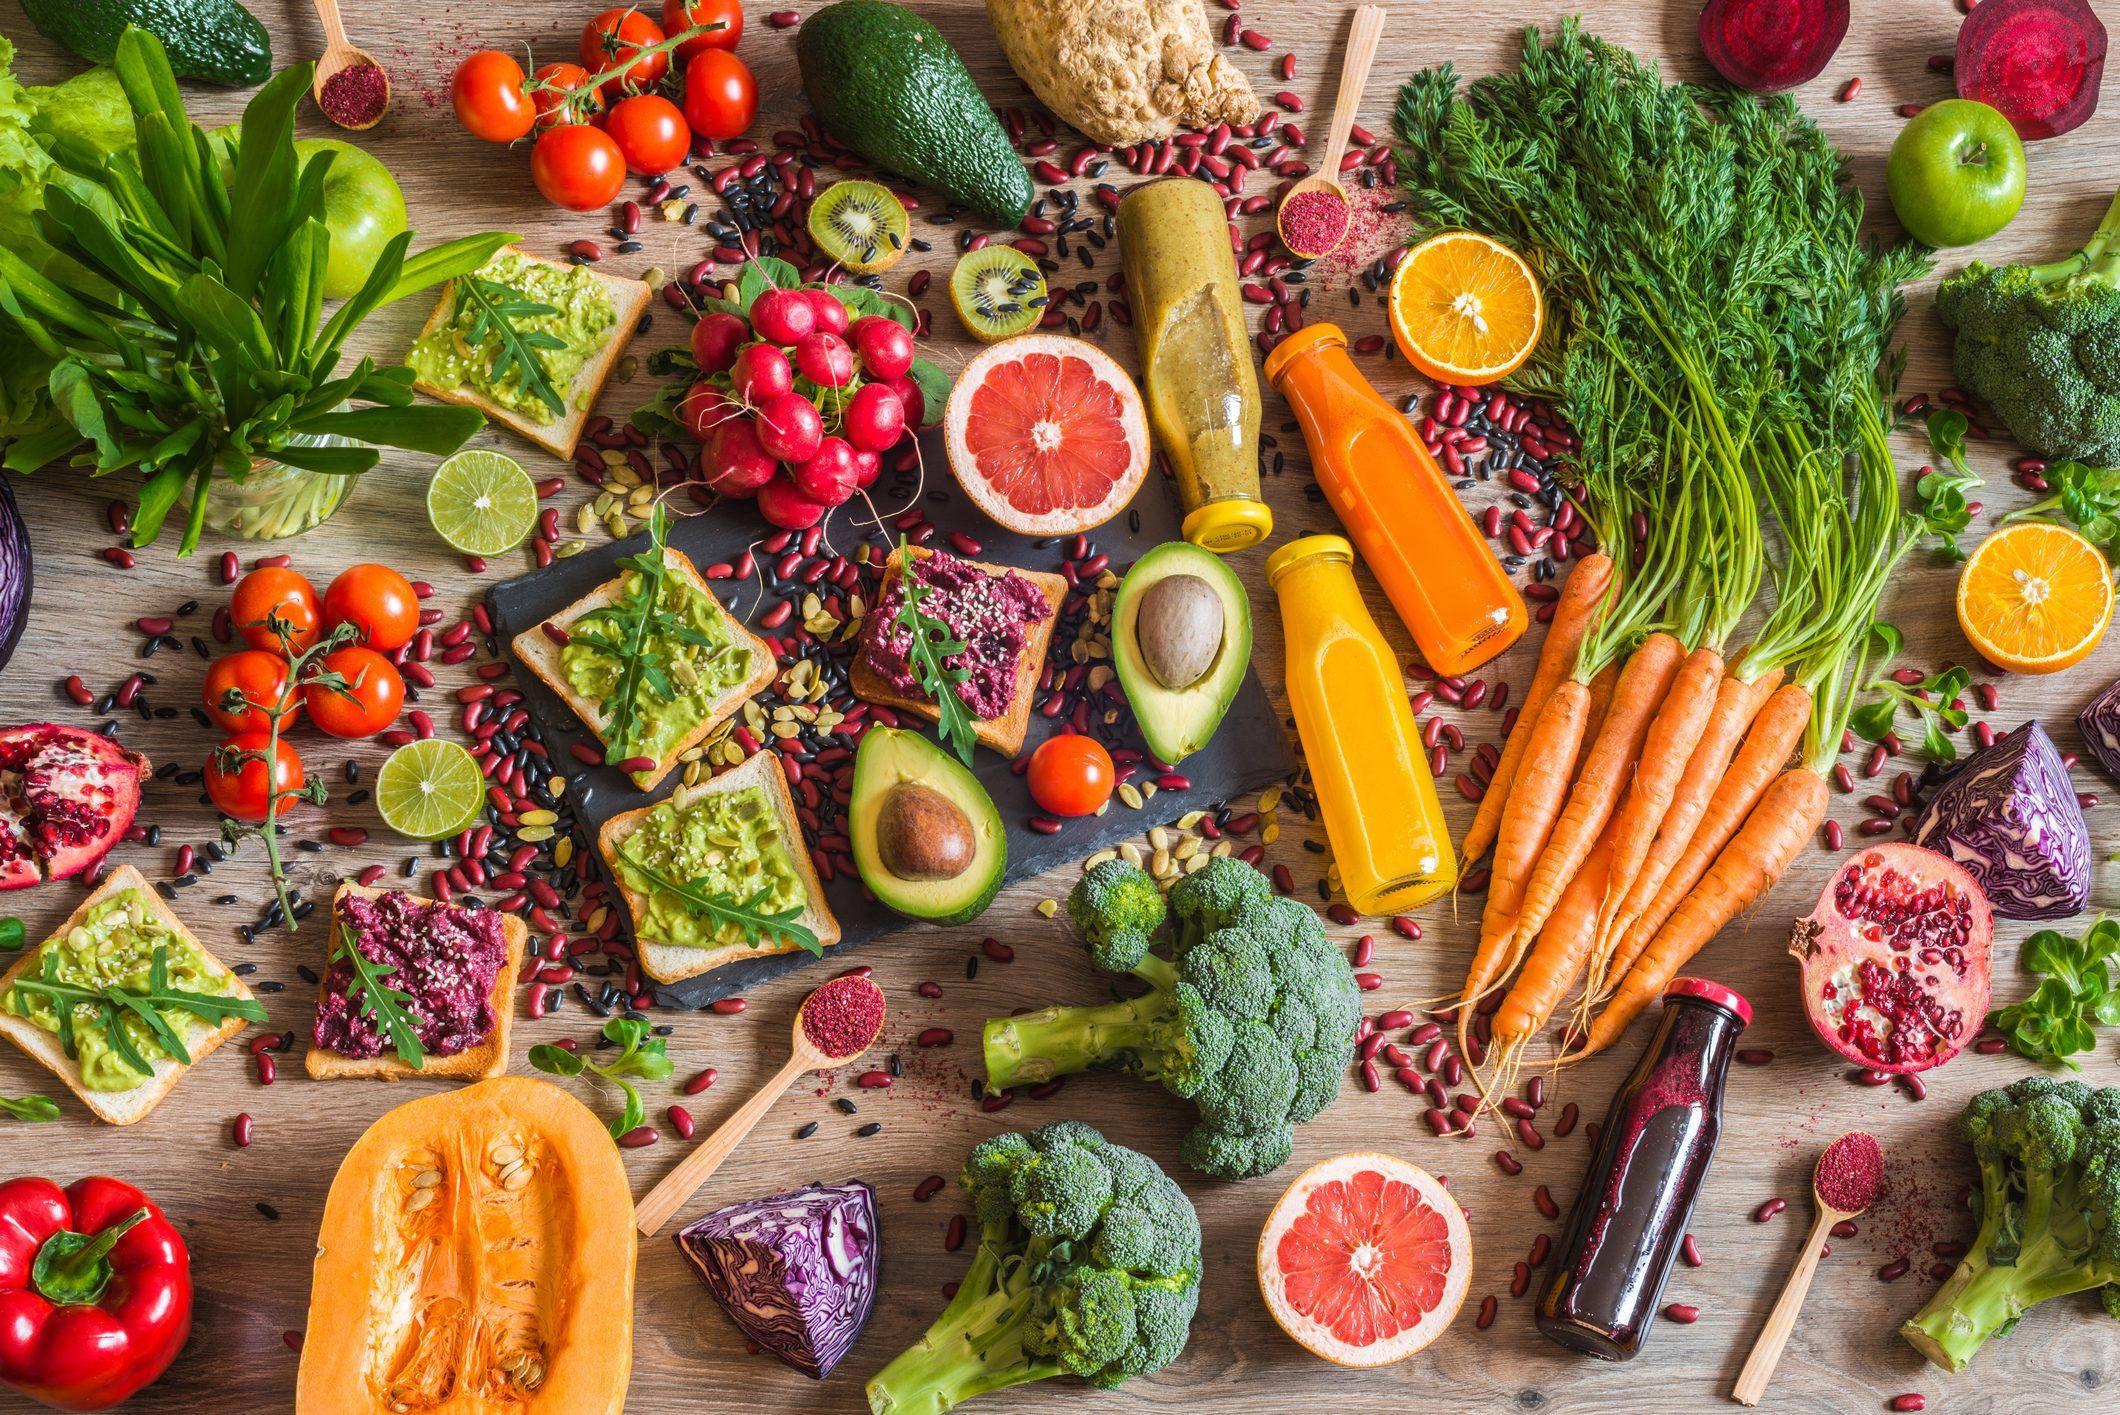 come iniziare con una dieta vegana